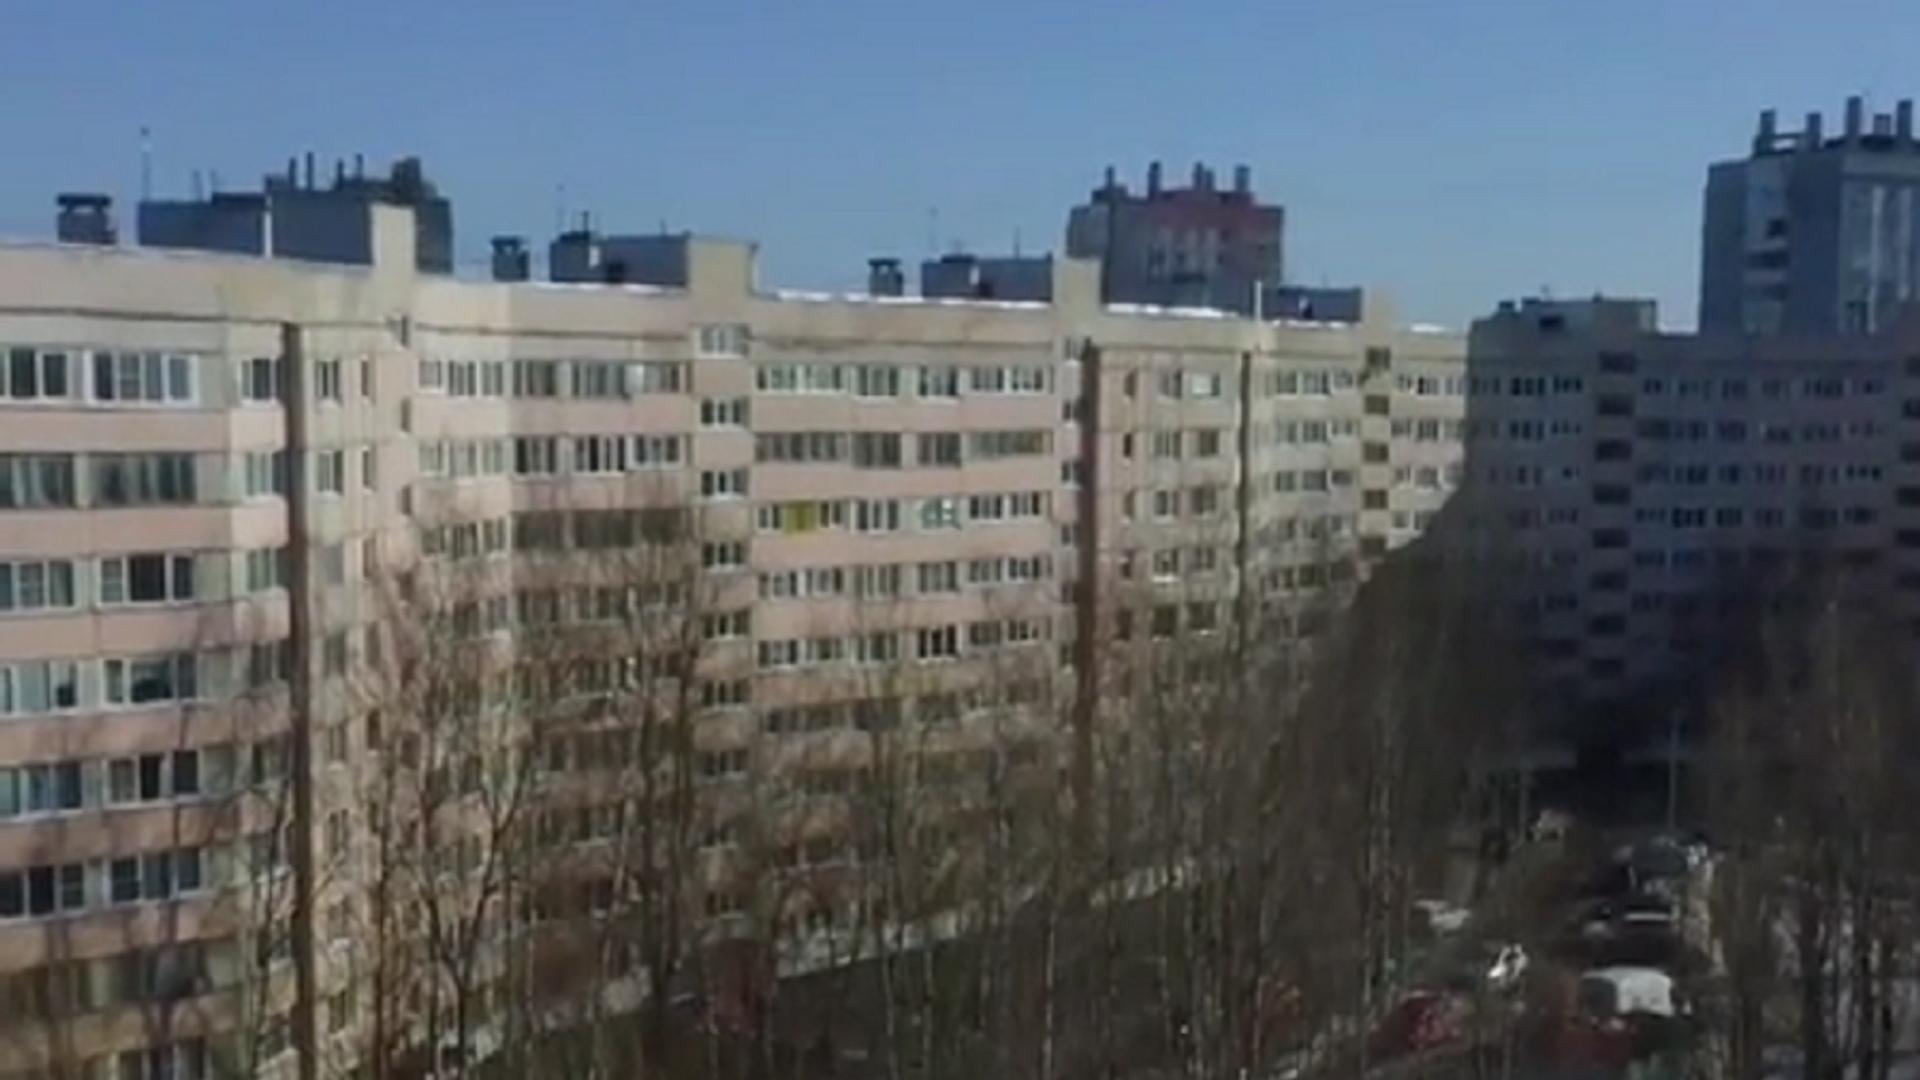 El edificio más largo de la ciudad rusa de San Petersburgo apodado 'Casa Serpiente' o 'Gran Muralla China' - Sputnik Mundo, 1920, 03.03.2021